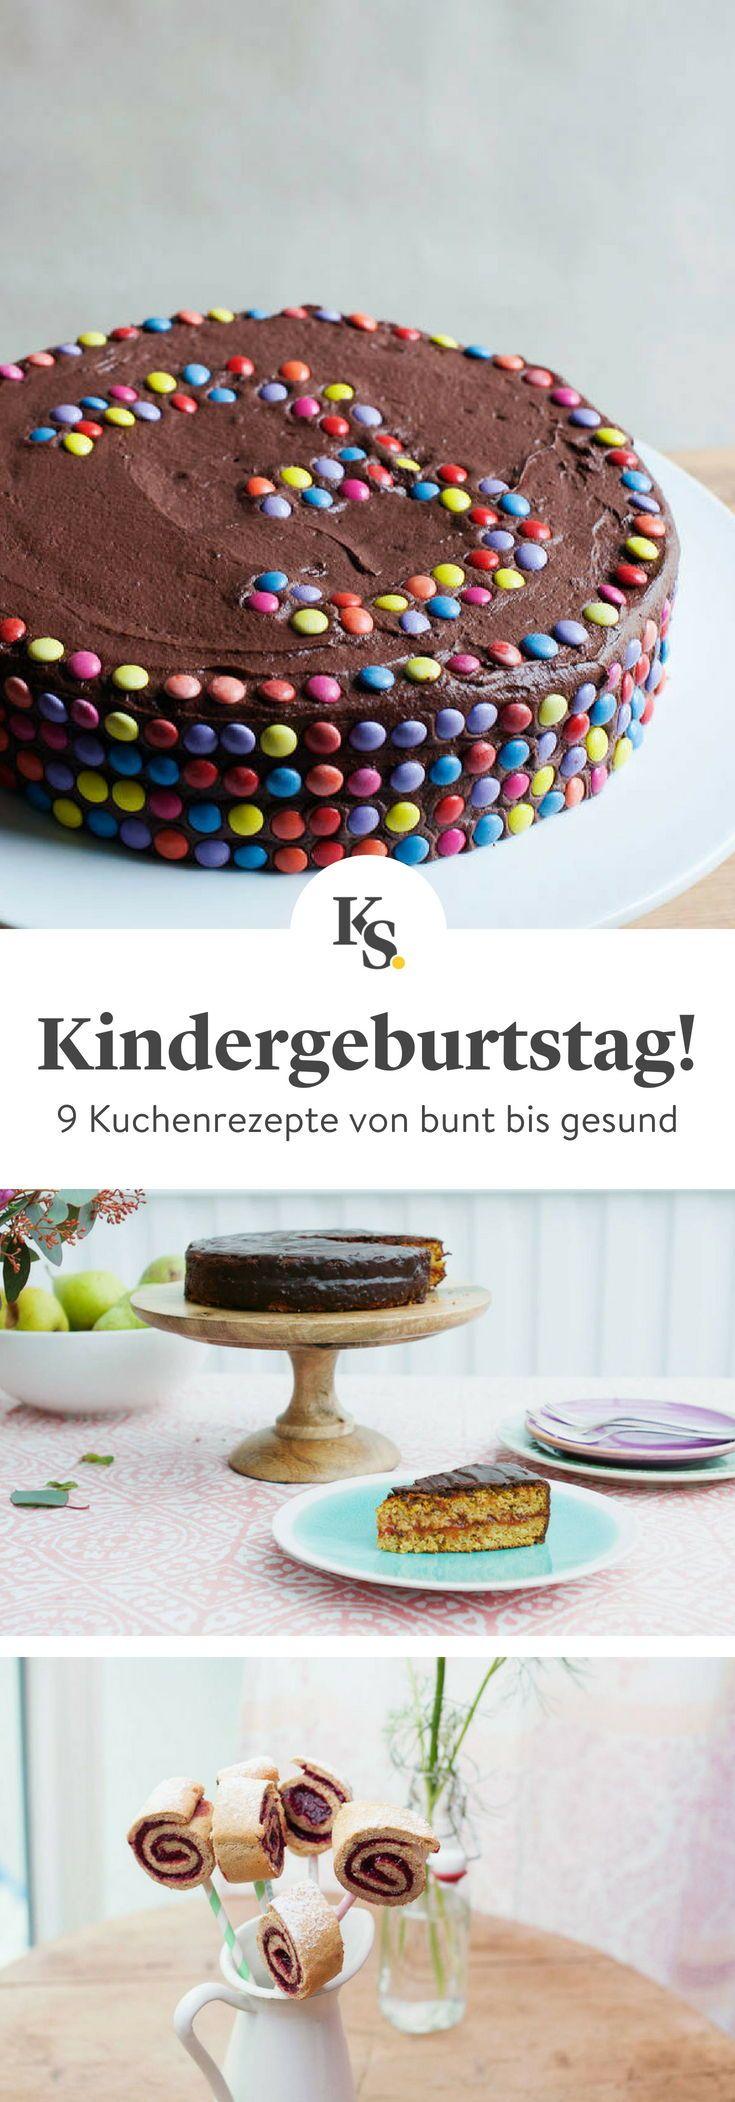 b7ff32ff062b24cf4b34c7bbb3644df7 - Kinder Kuchen Rezepte